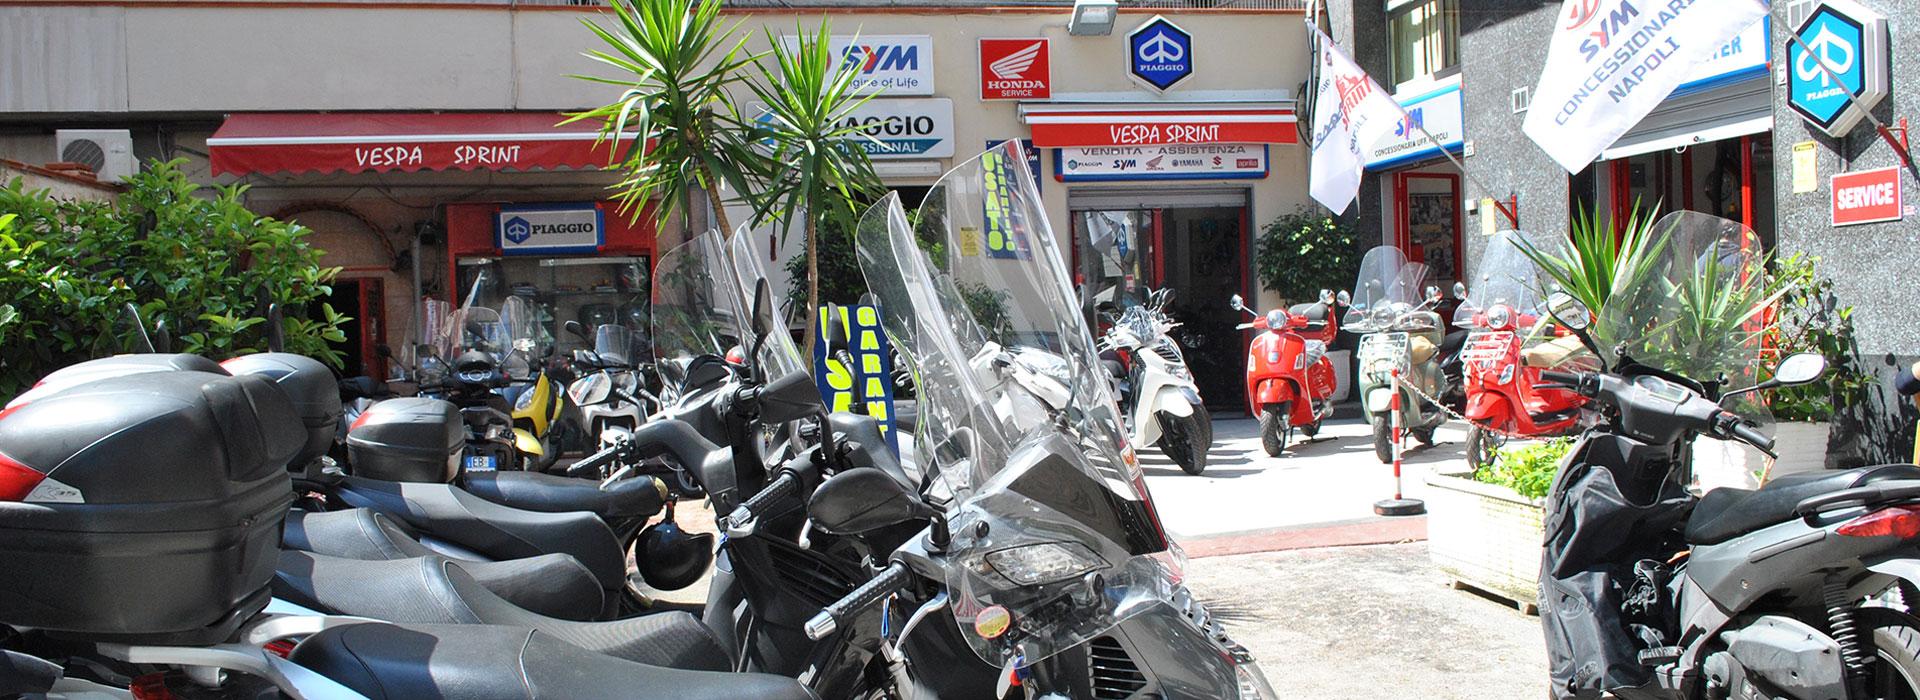 Assistenza Scooter Piaggio Vespa Gilera Sym Honda Napoli